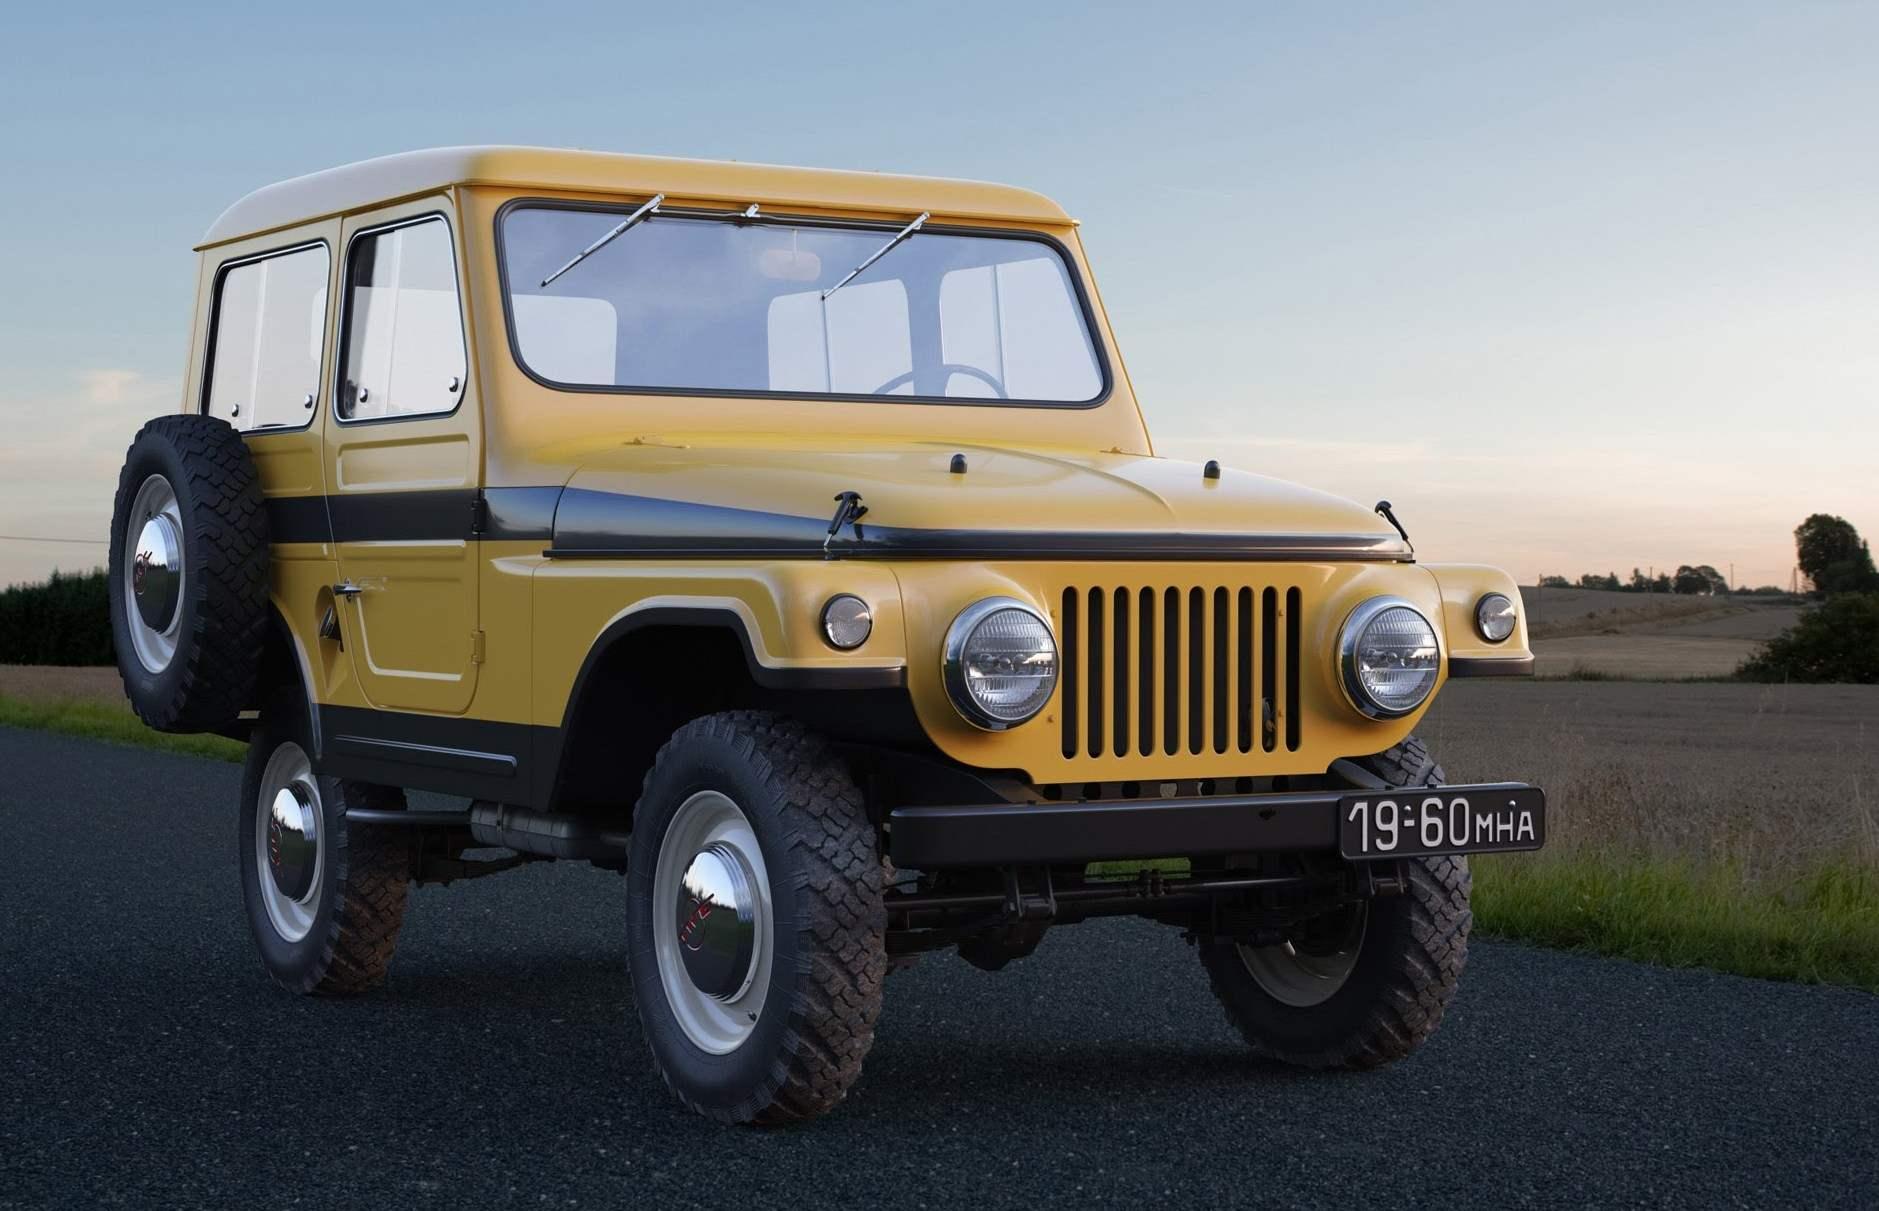 МОСКВИЧ-416 выпуска 1960 года — опытный полноприводной автомобиль на базе моделей 407 и 403